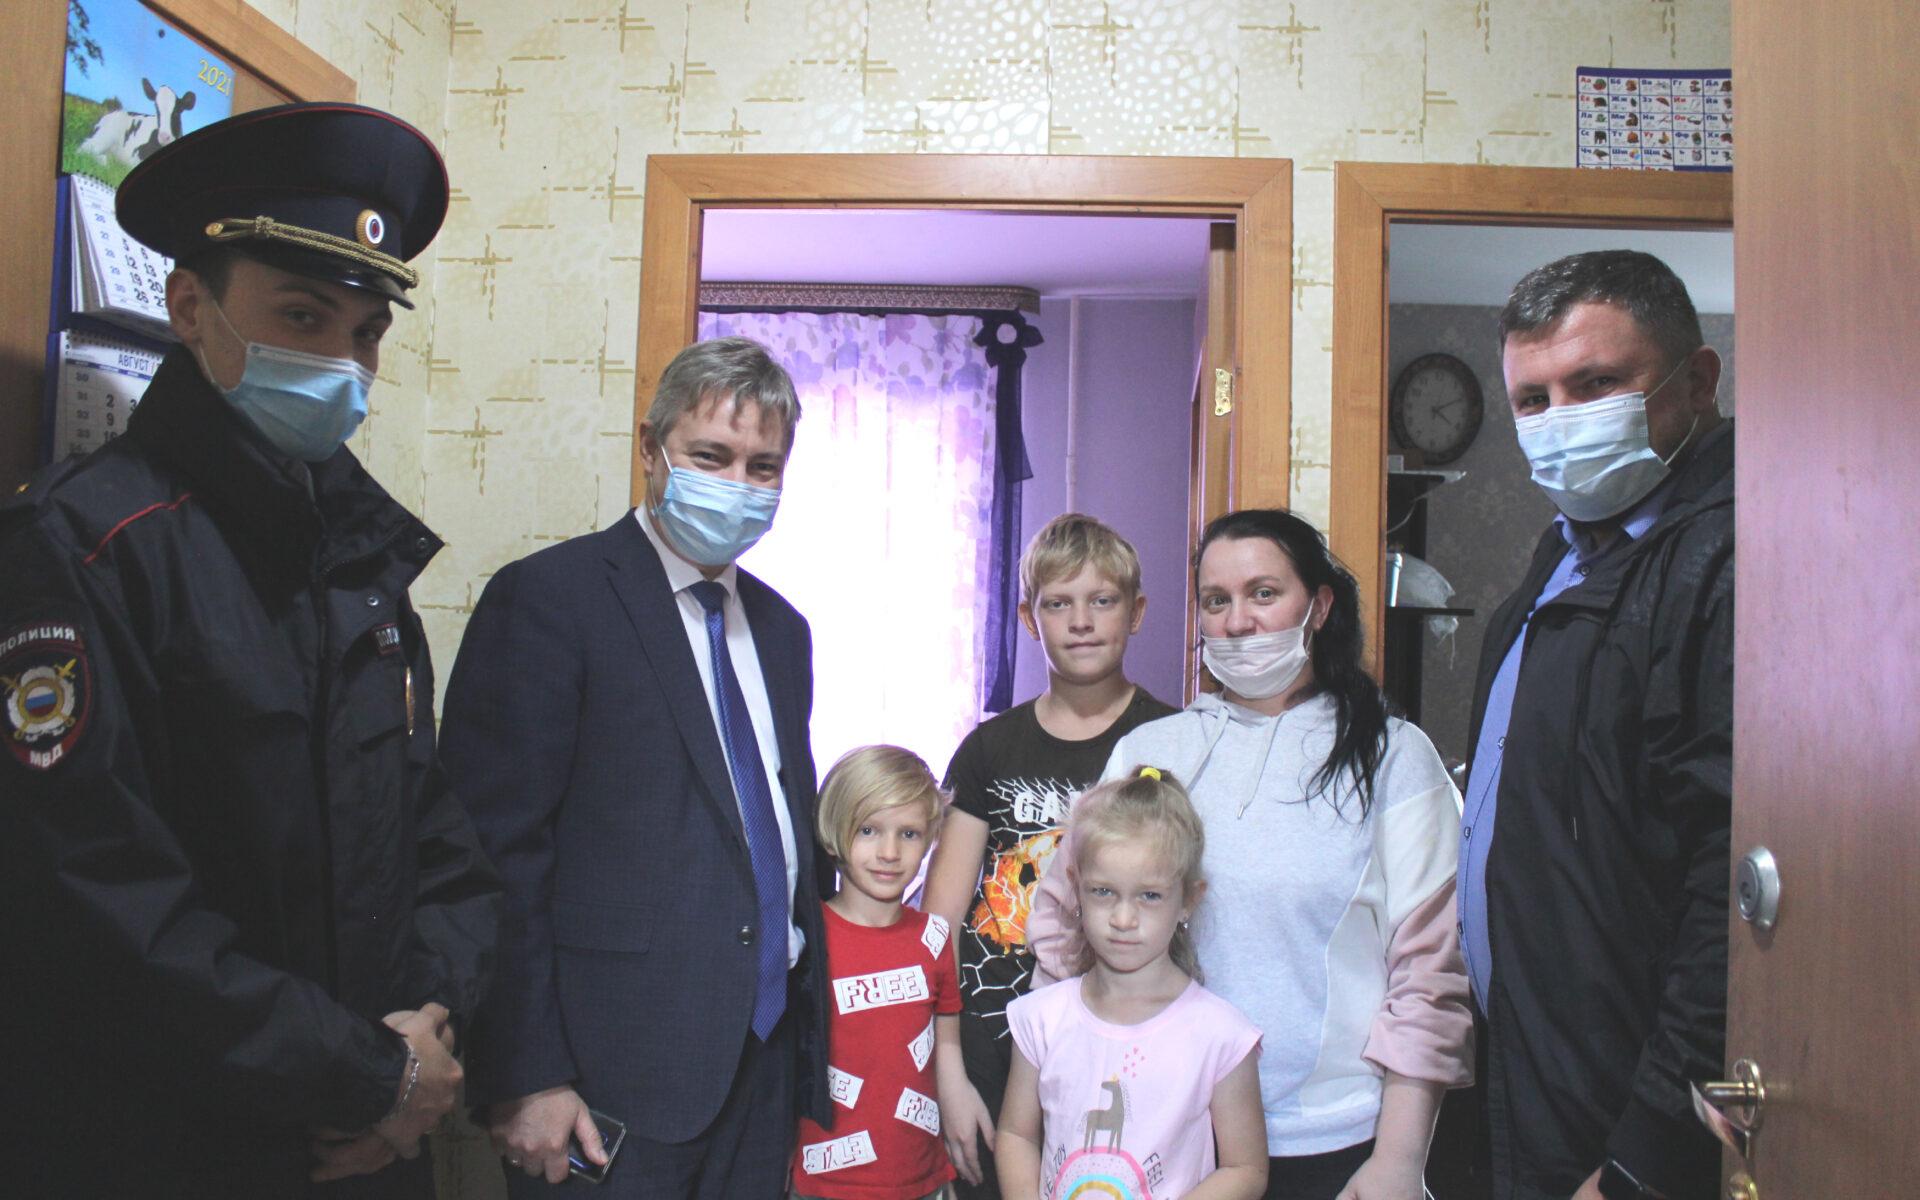 Общественники и полицейские Югорска приняли участие во Всероссийской акции «Помоги пойти учиться»